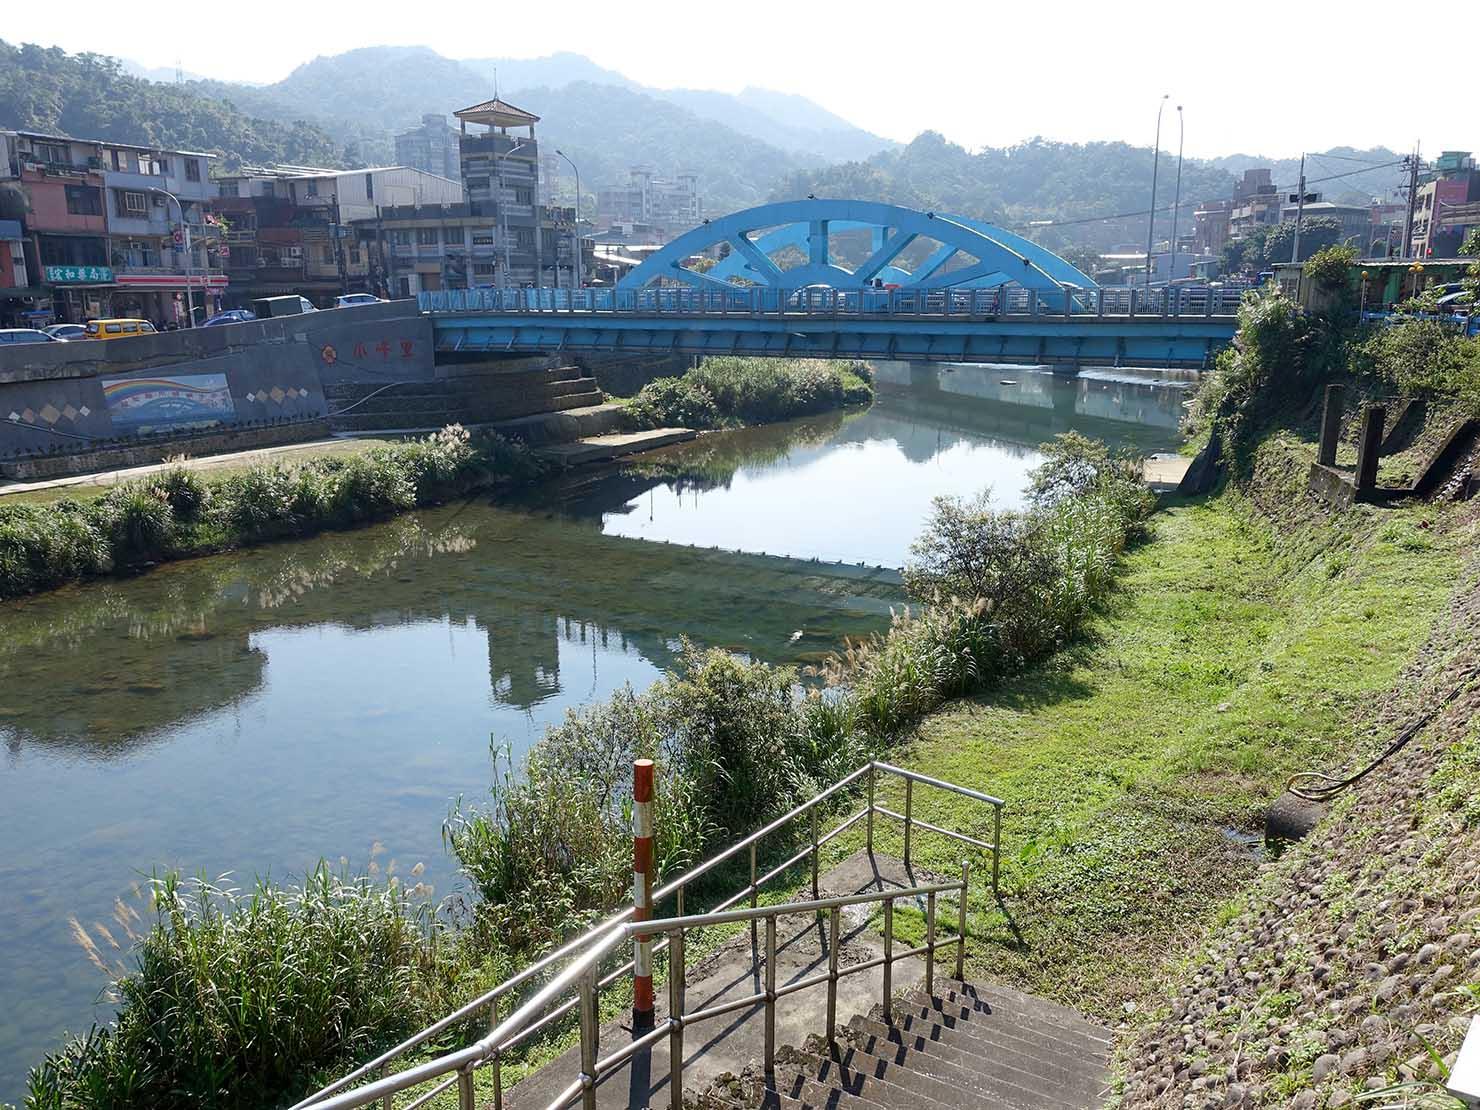 台北・瑞芳市街にかかる青い橋